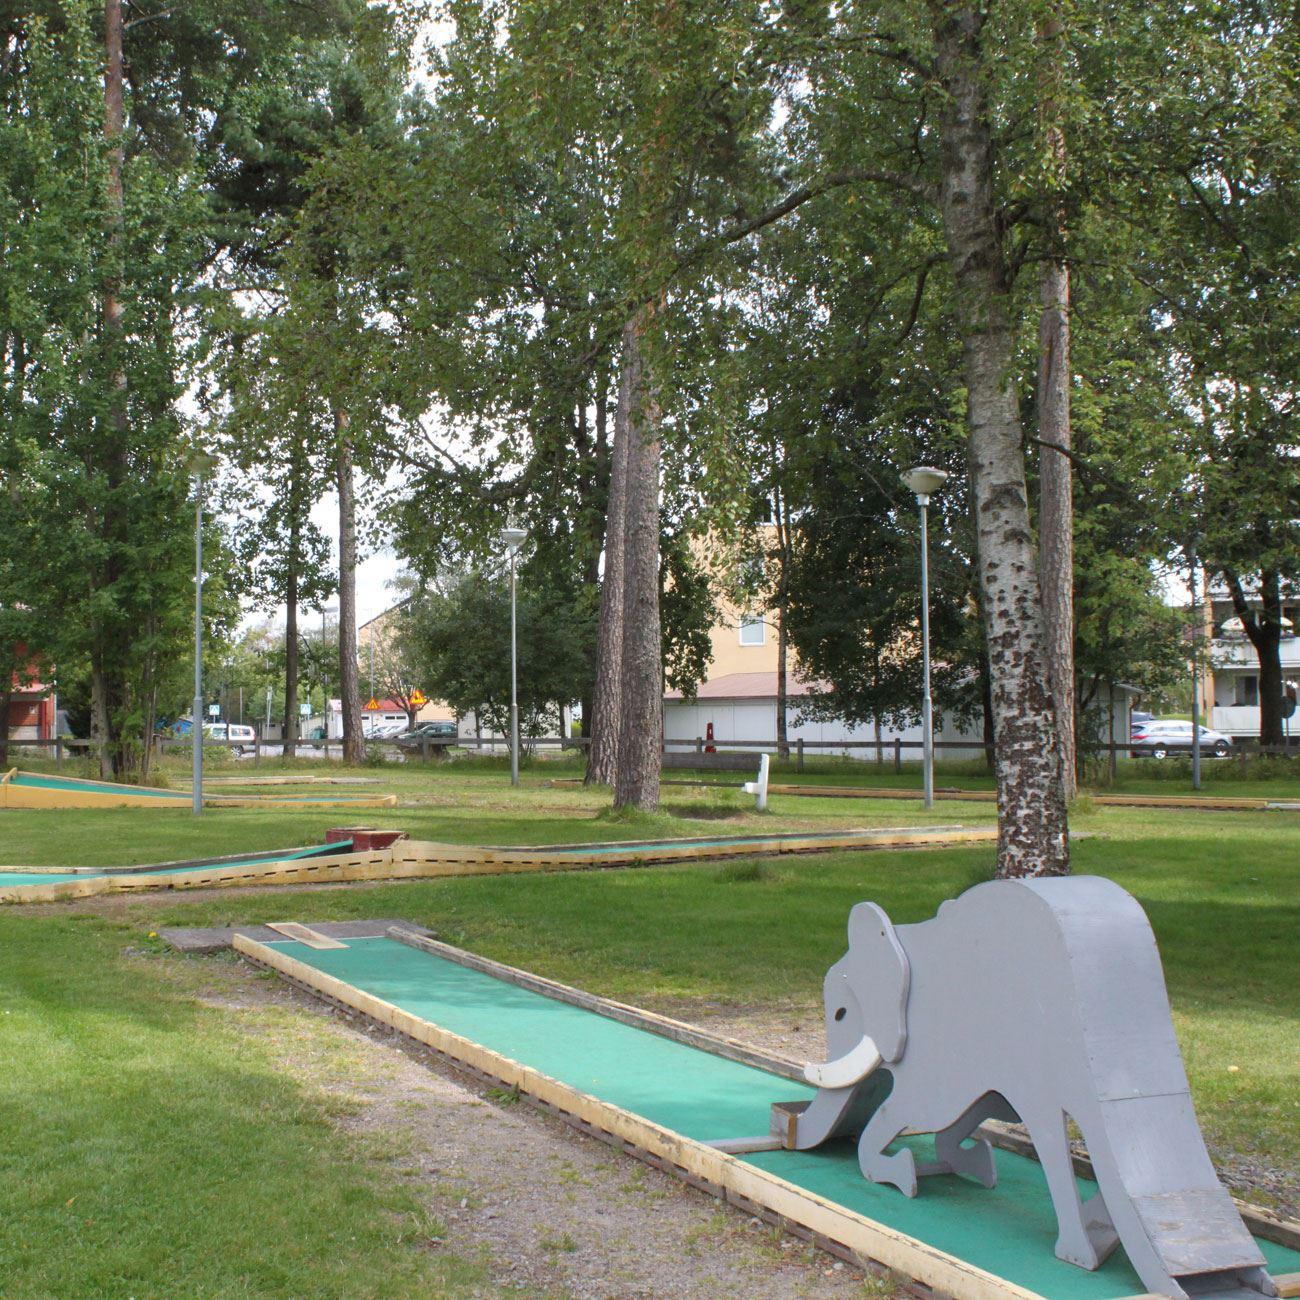 Foto: Värnamo Näringsliv AB,  © Värnamo Näringsliv AB , Minigolf i Folkets Park